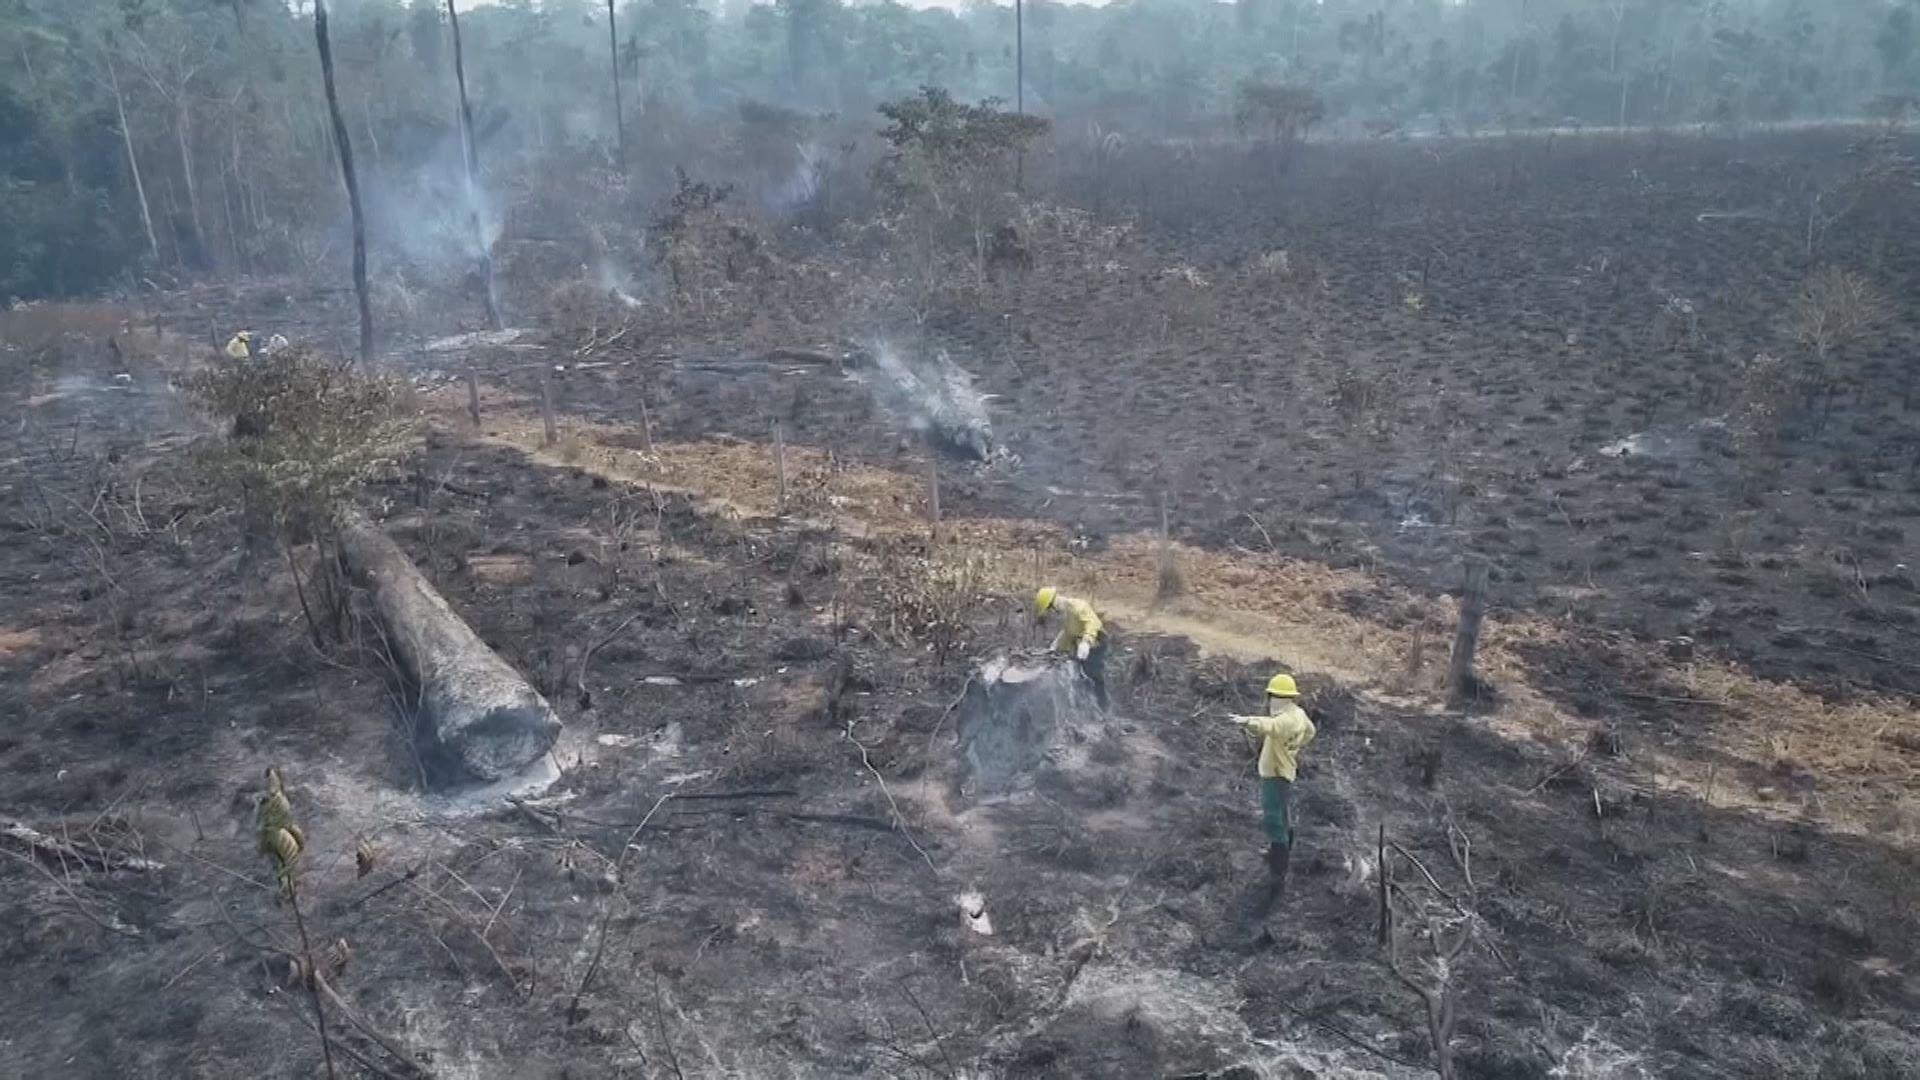 【環球薈報】亞馬遜雨林被砍伐情況十二年來最嚴重